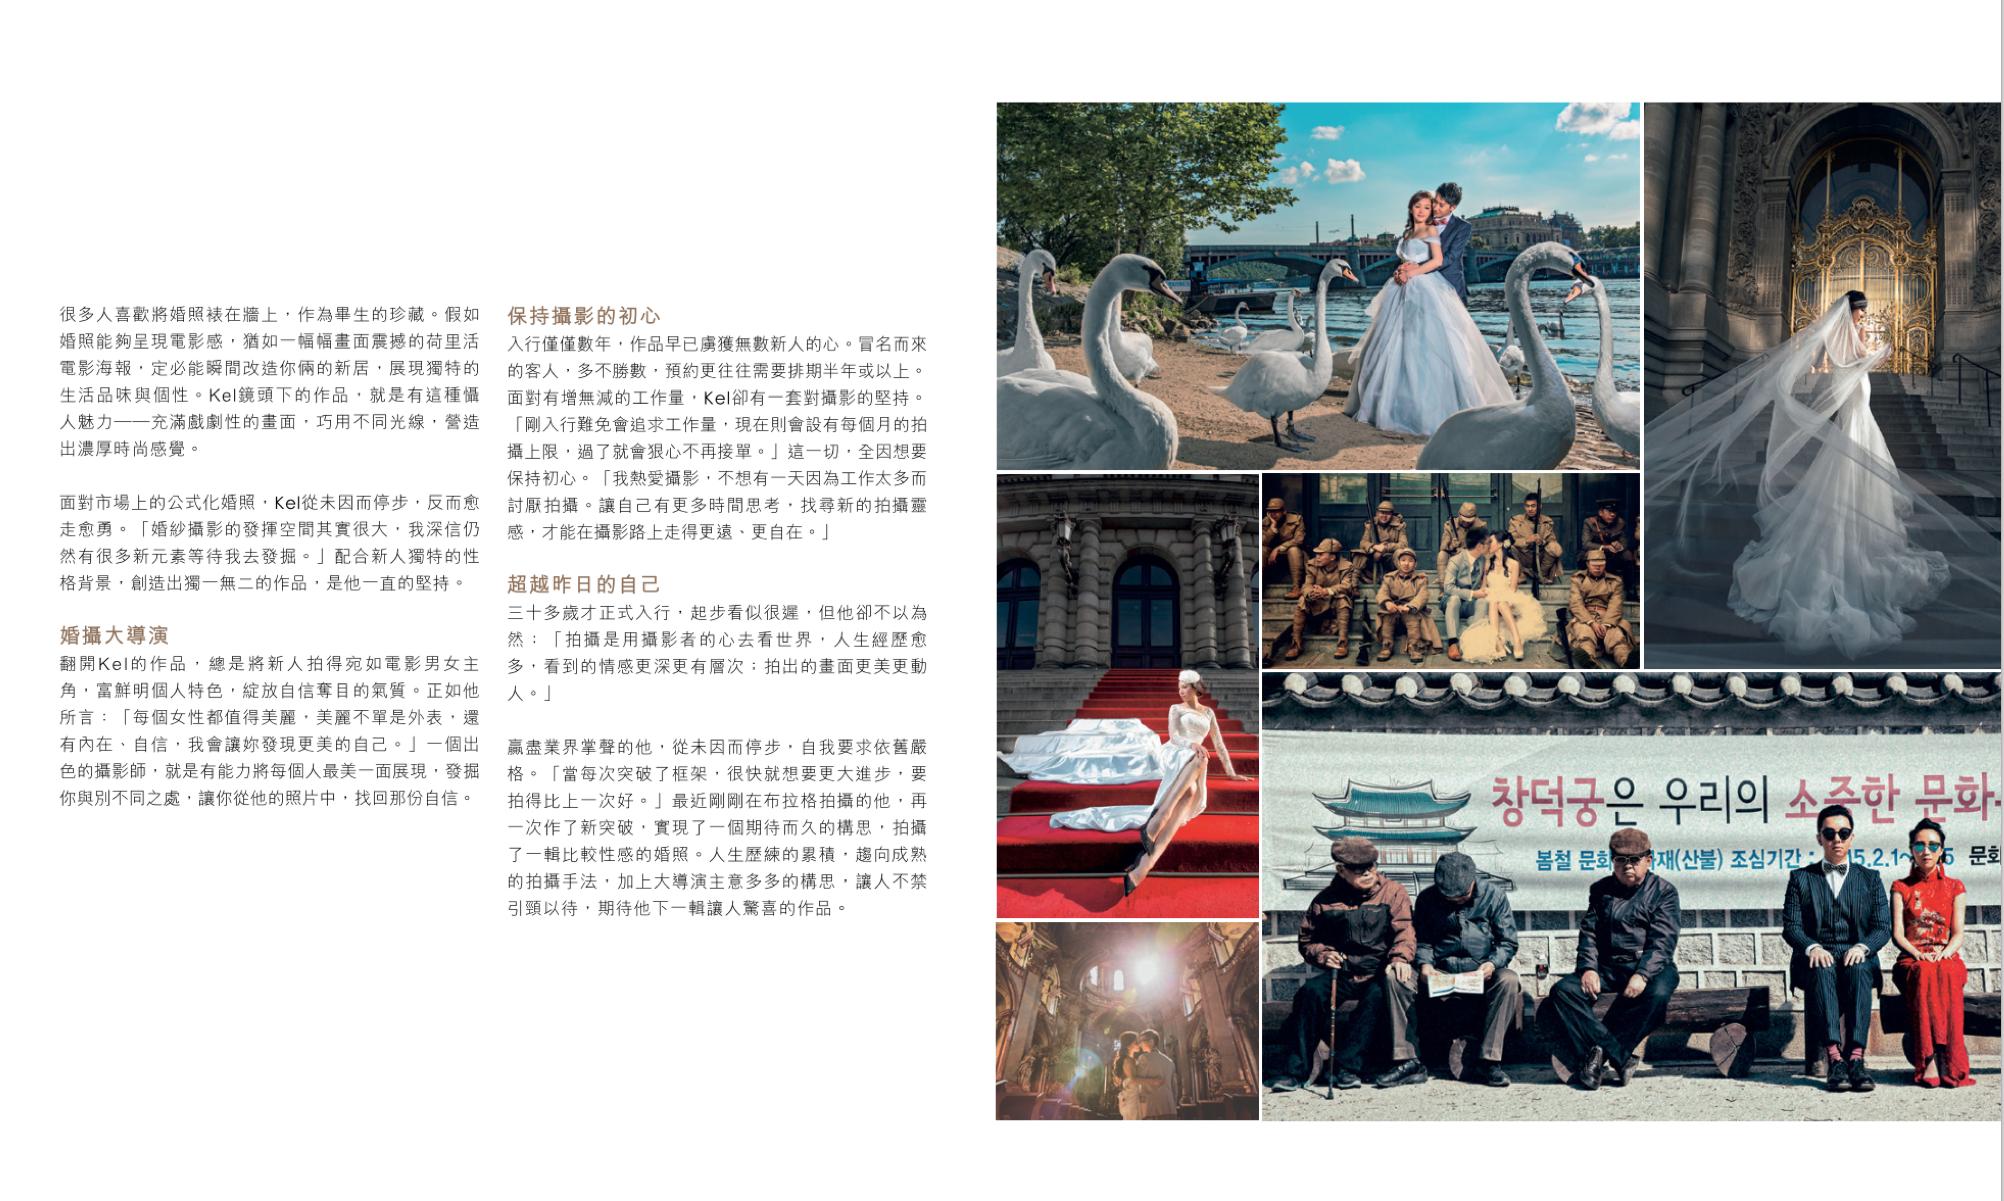 花婚的香港十大婚禮攝影師的訪問內容